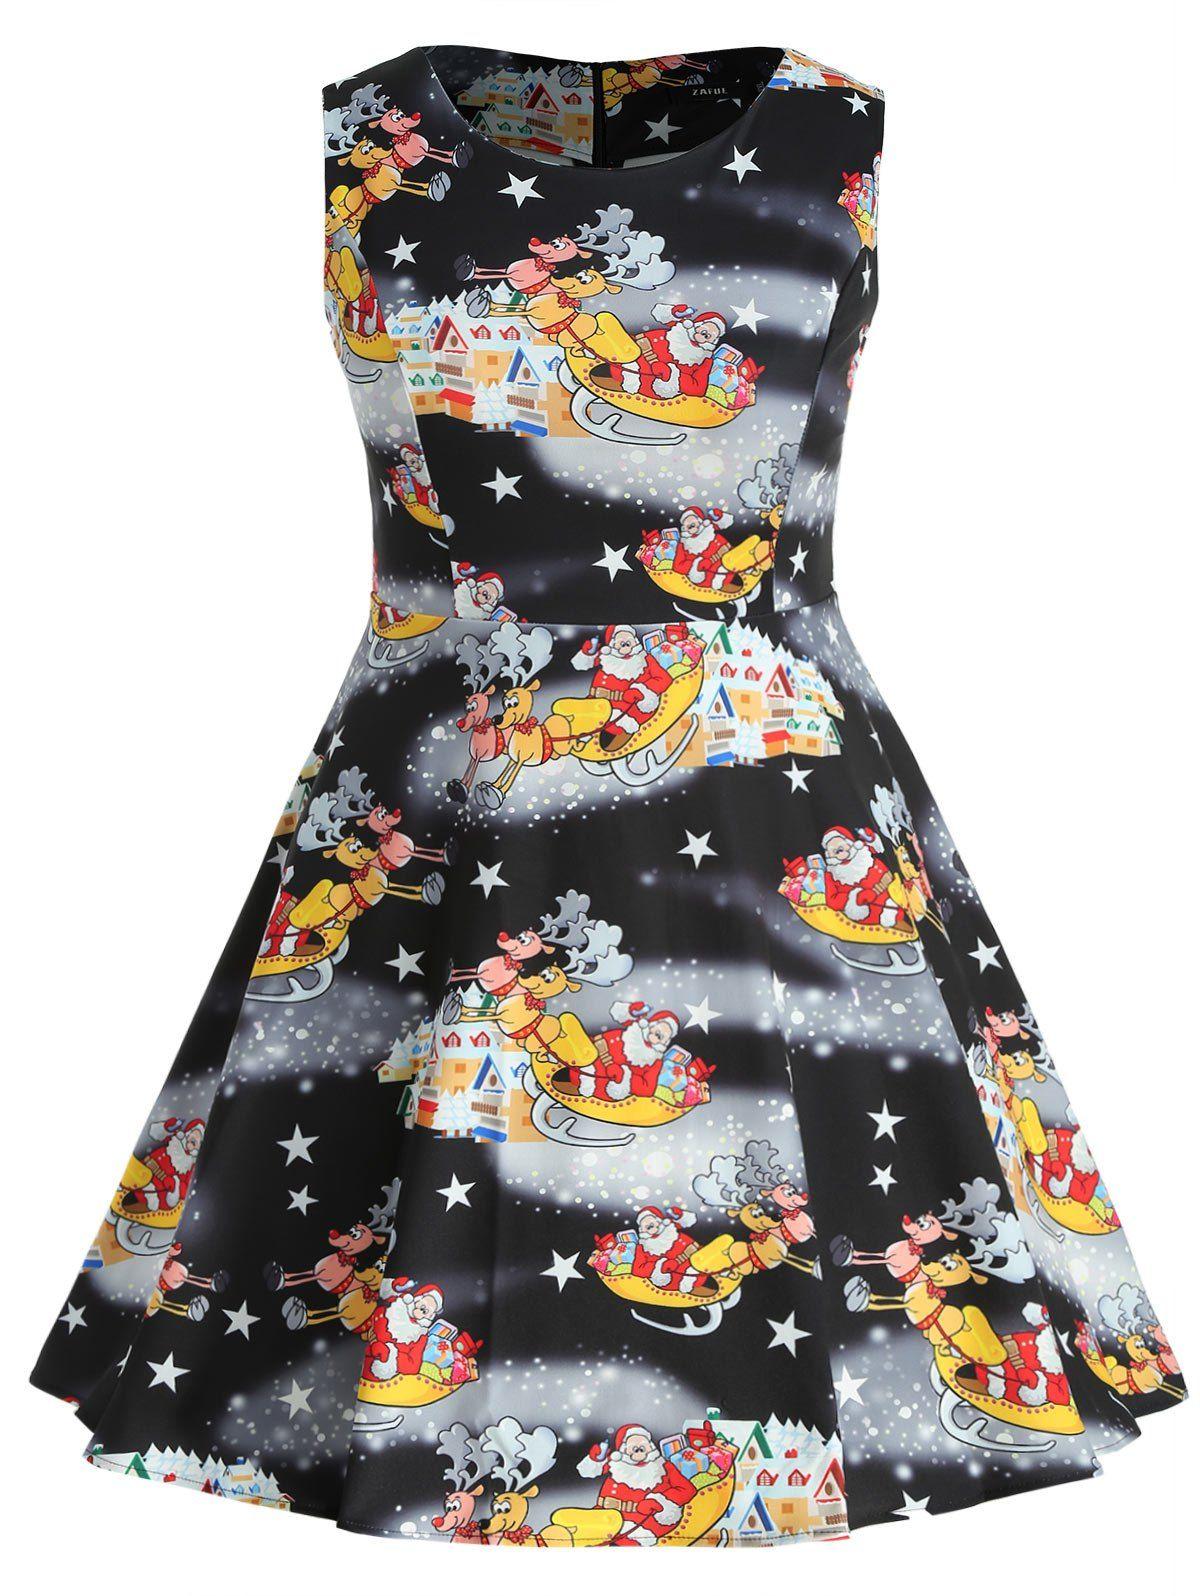 c7efc718df5 Wholesale Plus Size Santa Claus And Elk Print A Line Dress 4x Black Online.  Cheap